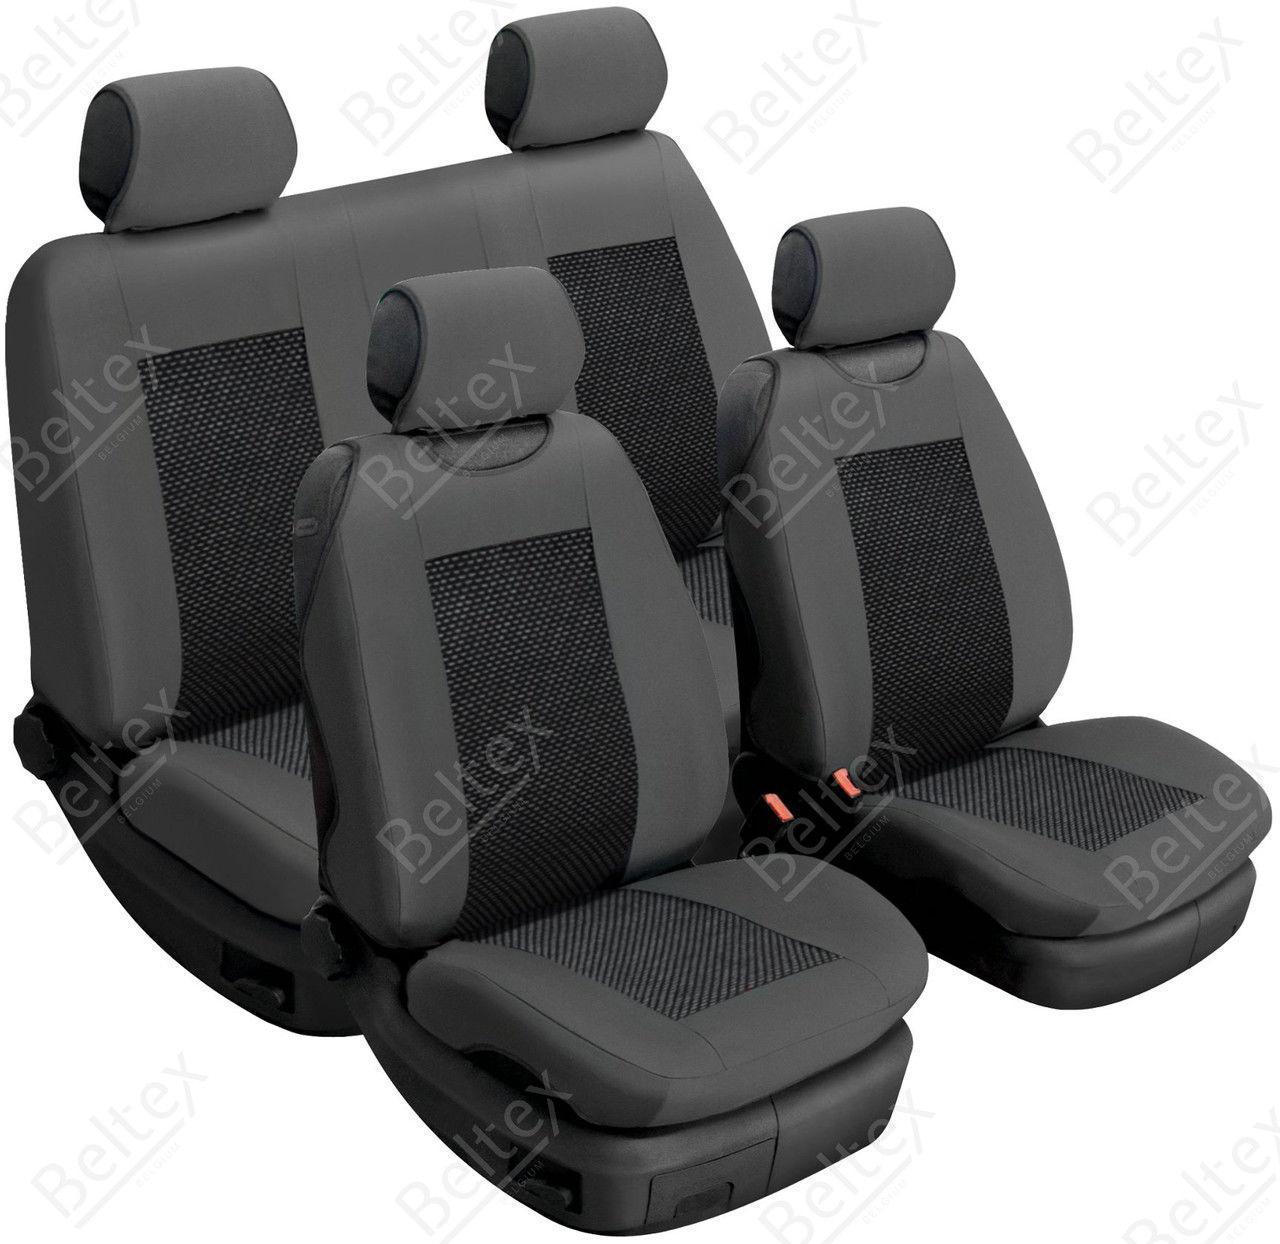 Майки/чехлы на сиденья Хендай Элантра 2 (Hyundai Elantra II)